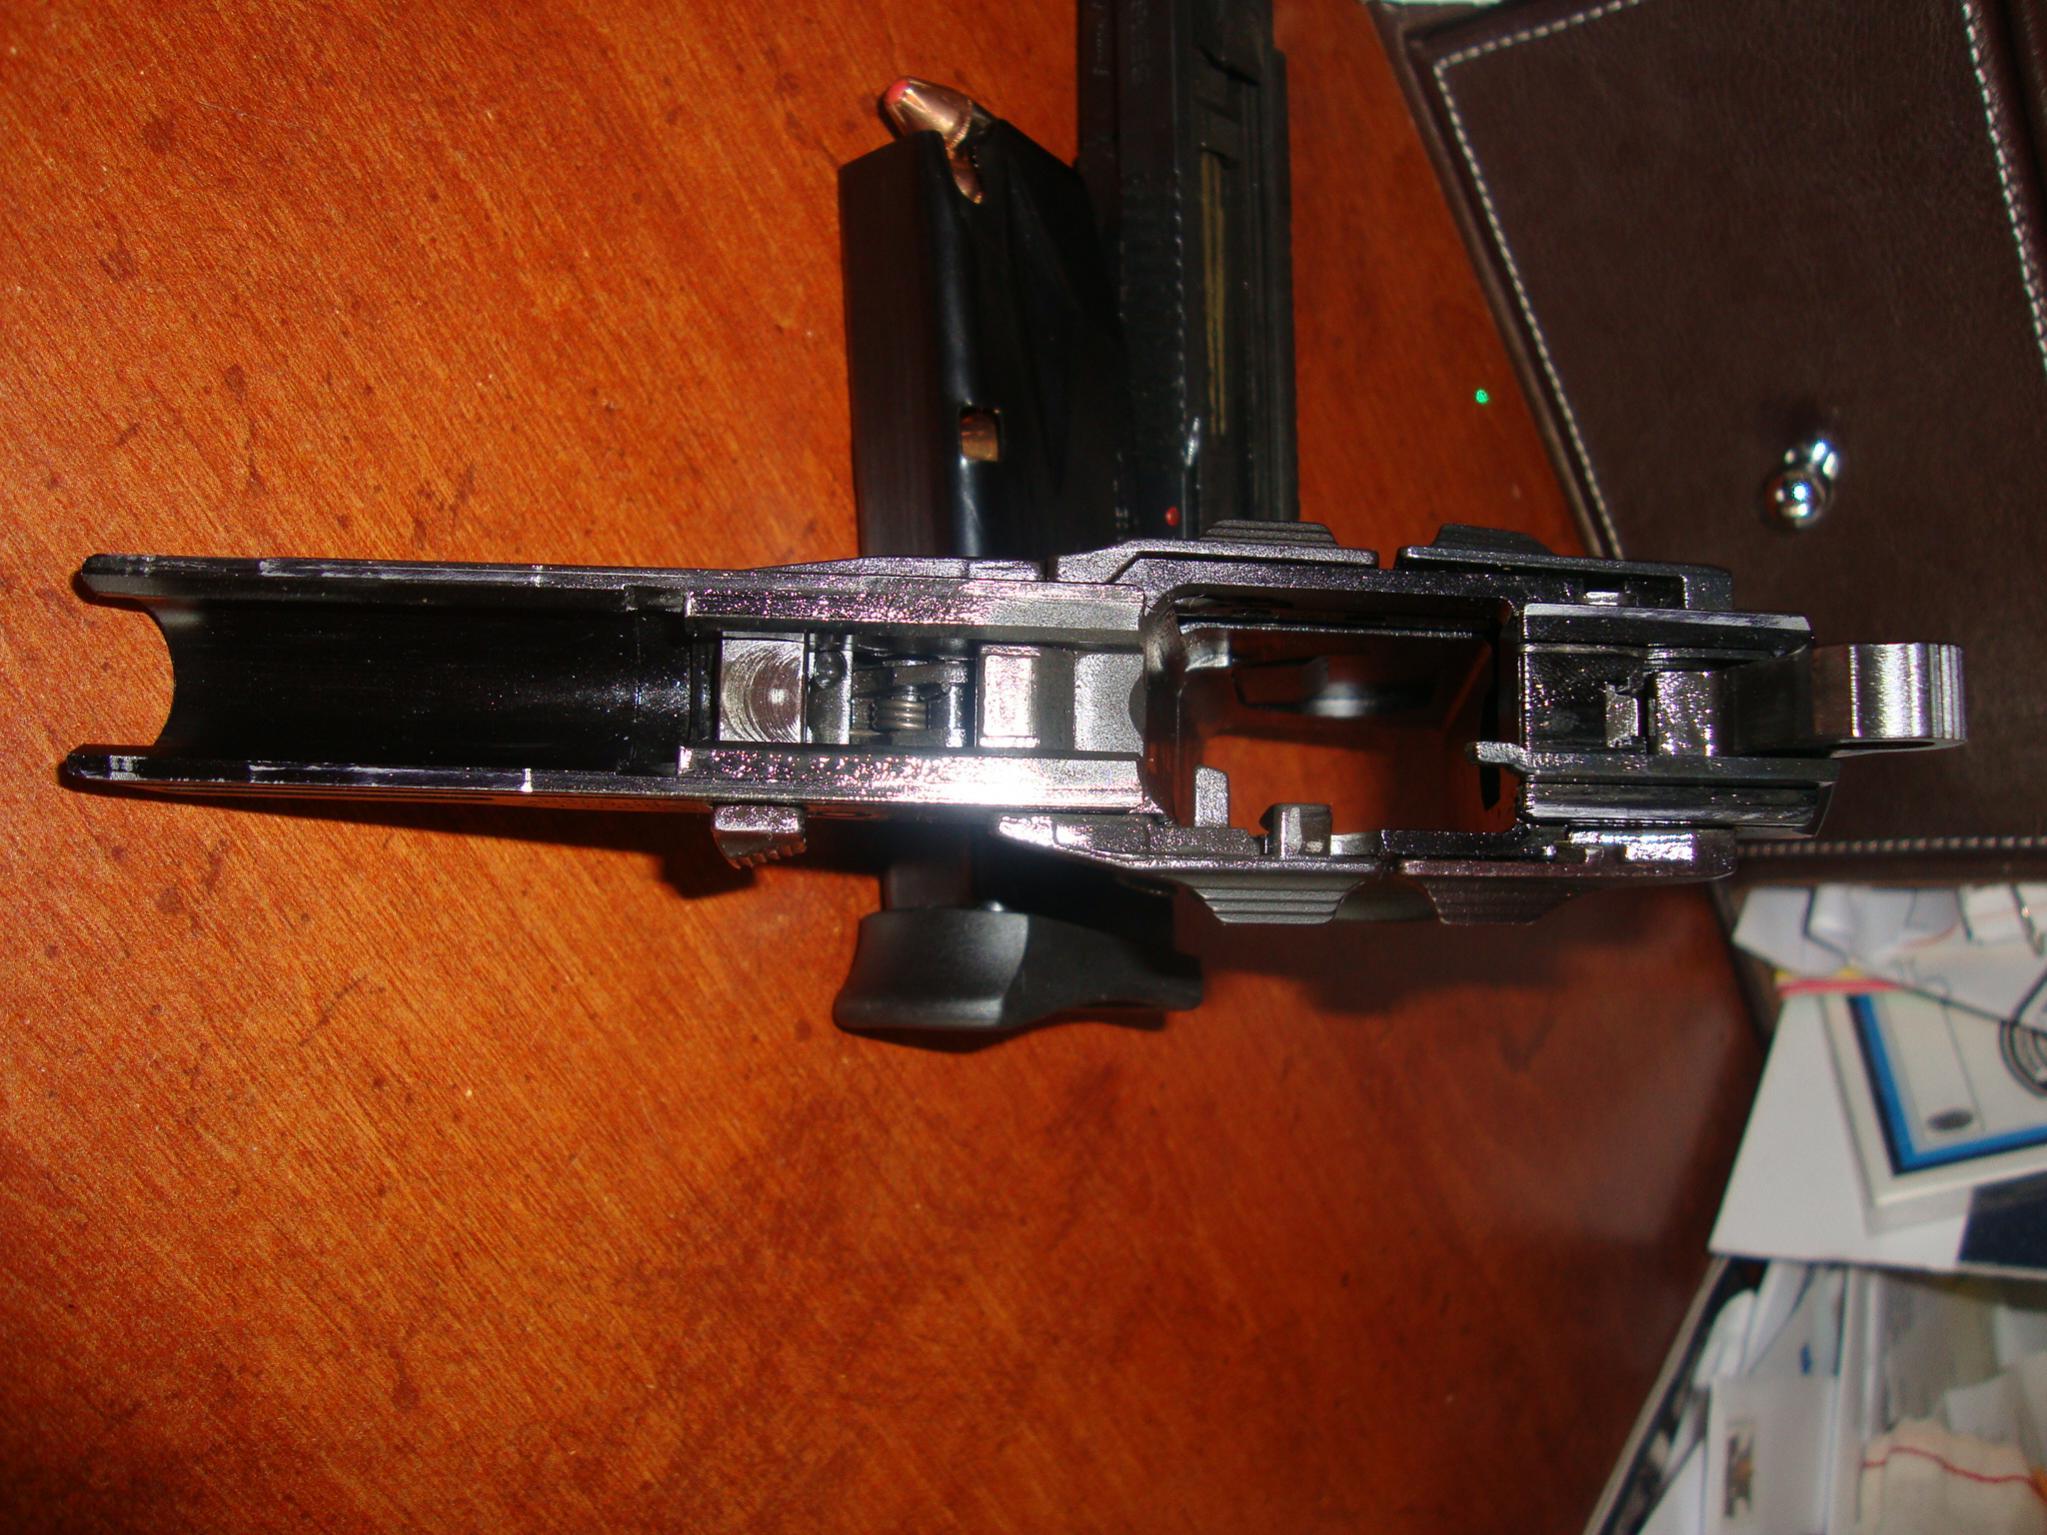 Sub compact DA/SA guns for CCW?-dsc00893.jpg